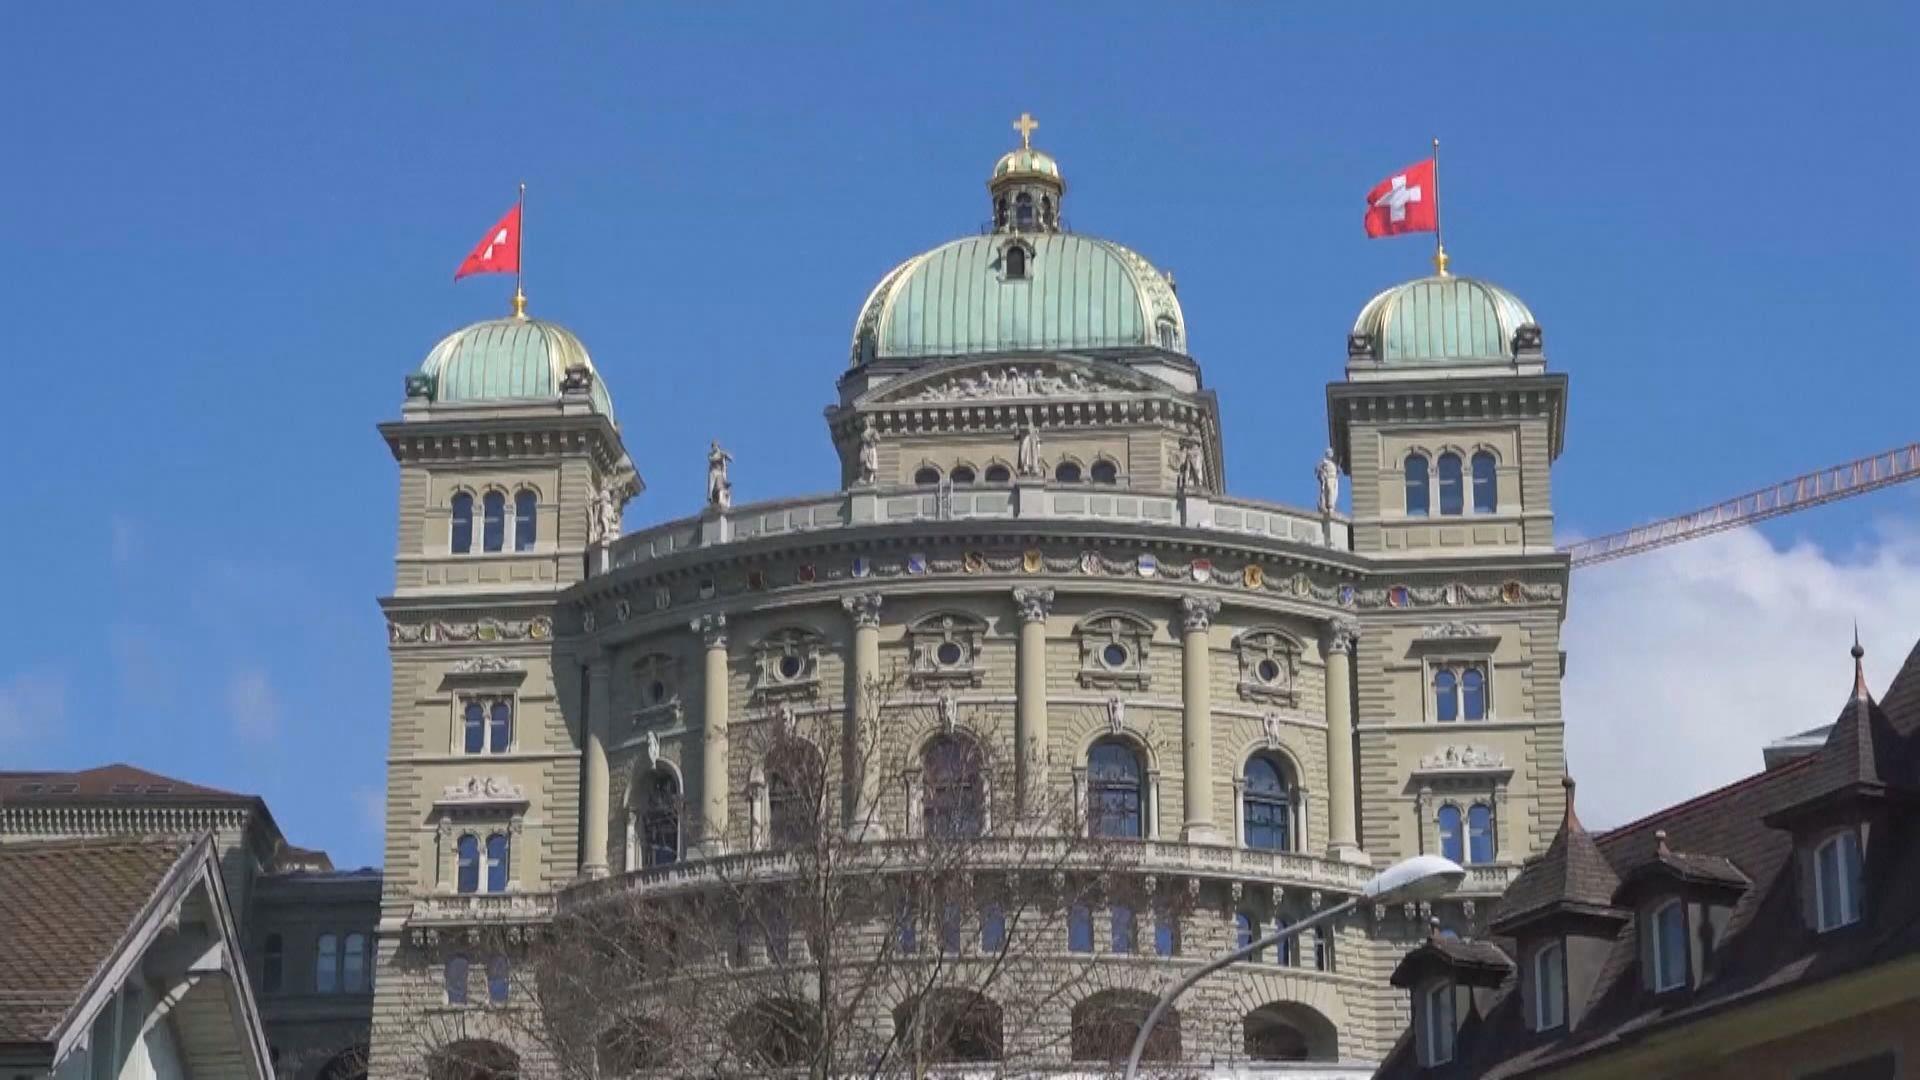 【環球薈報】瑞士為最貴國家 香港租金全球最高